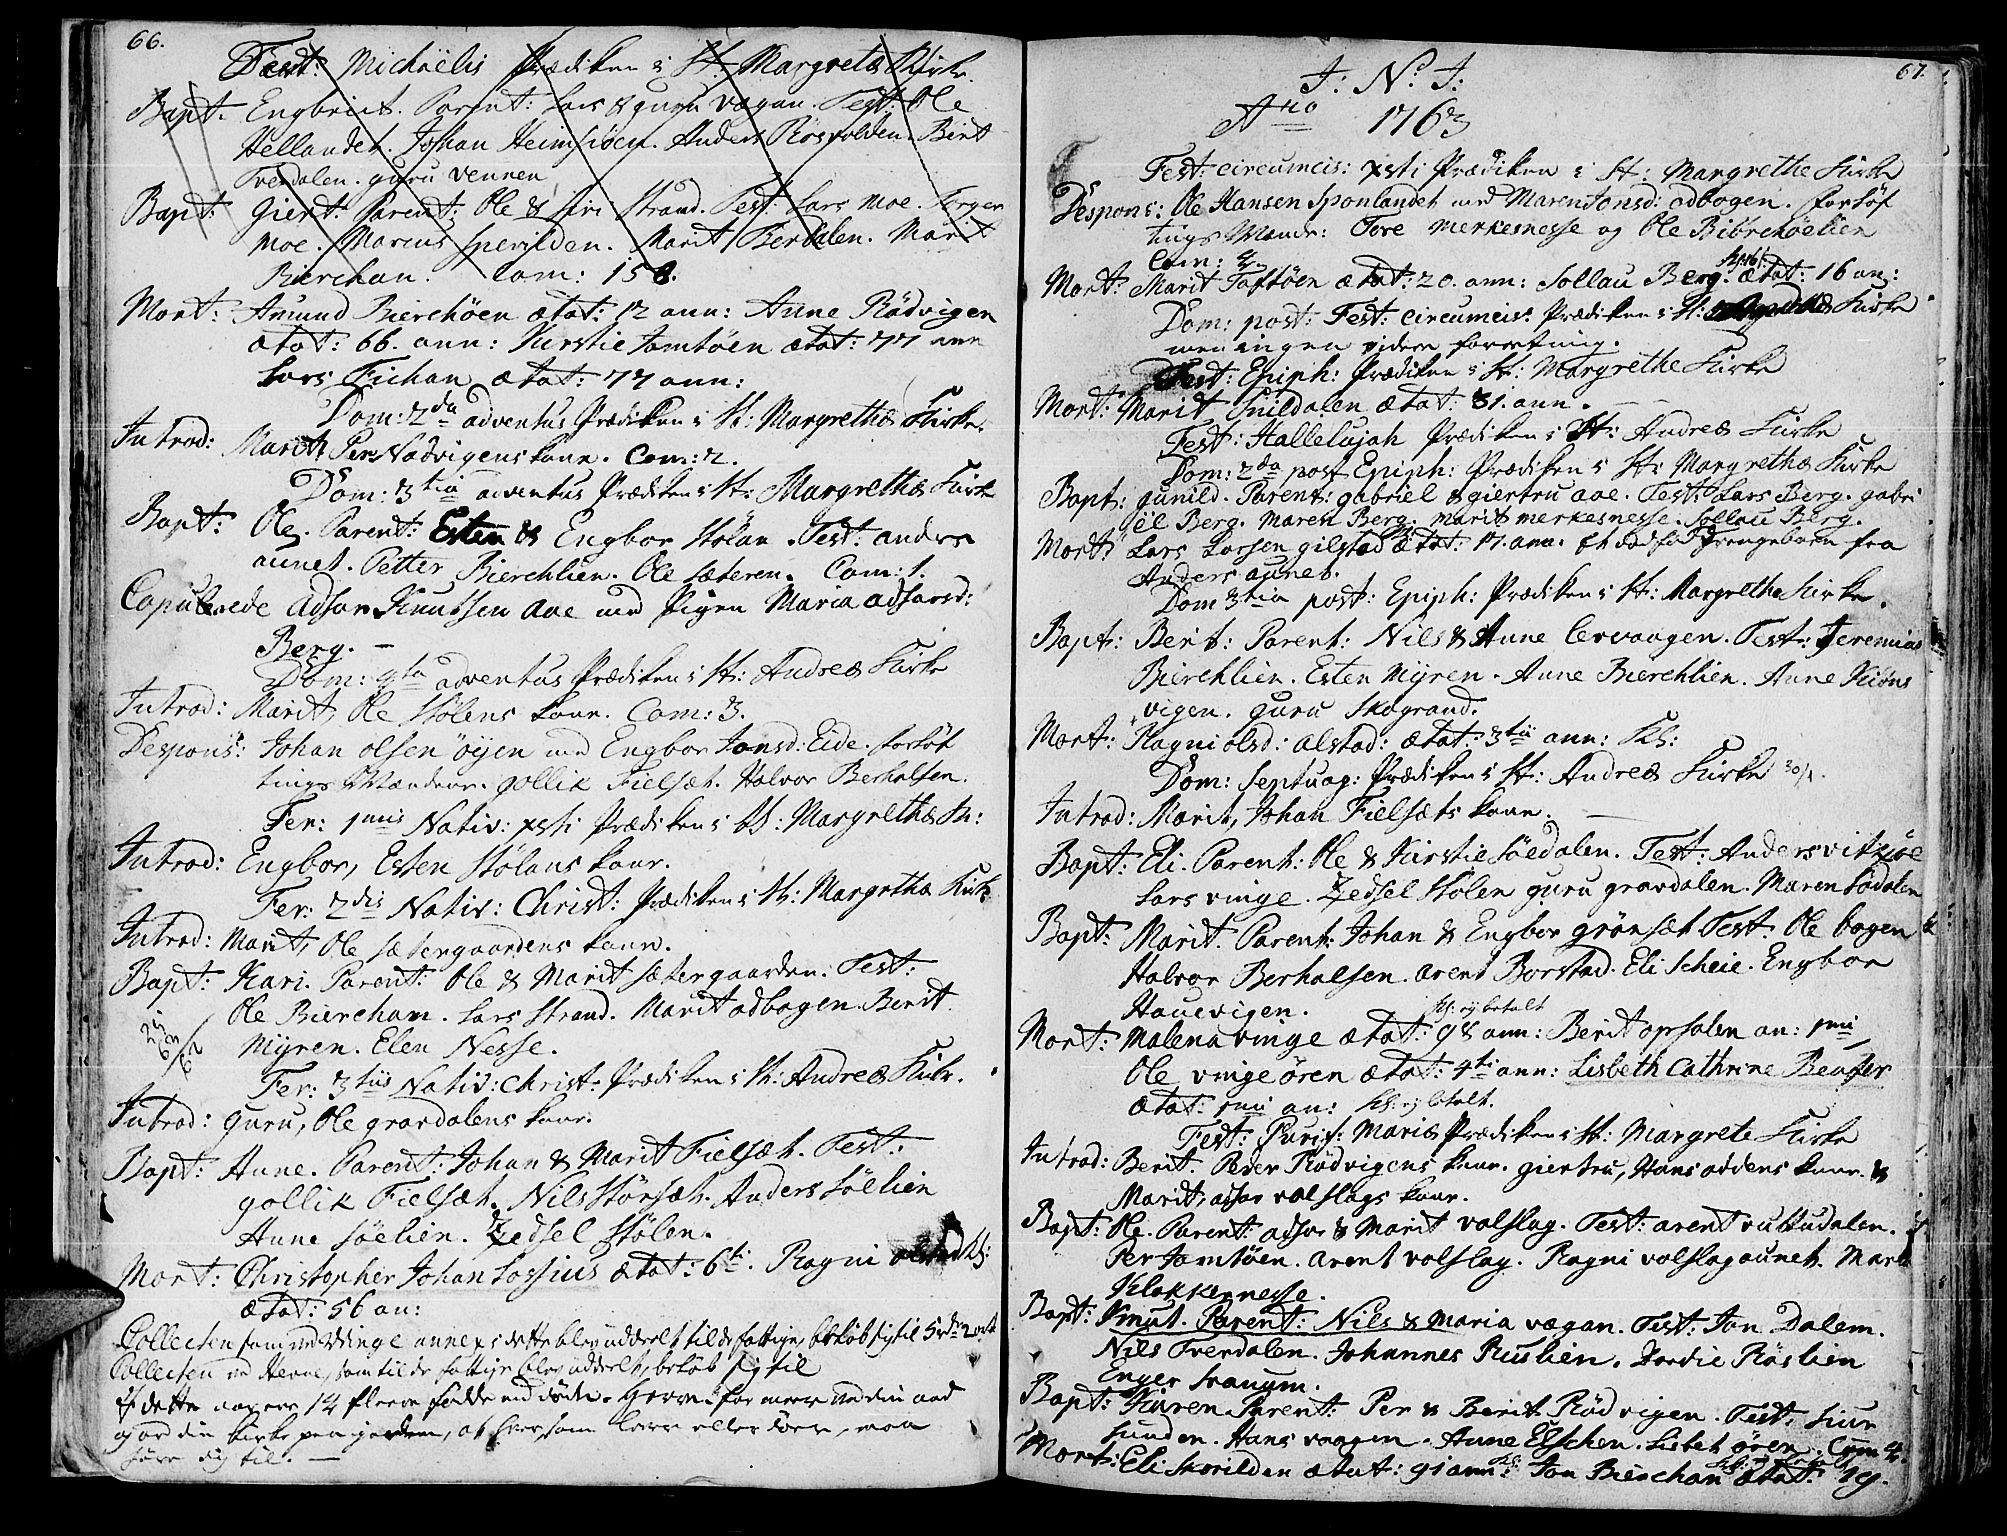 SAT, Ministerialprotokoller, klokkerbøker og fødselsregistre - Sør-Trøndelag, 630/L0489: Ministerialbok nr. 630A02, 1757-1794, s. 66-67